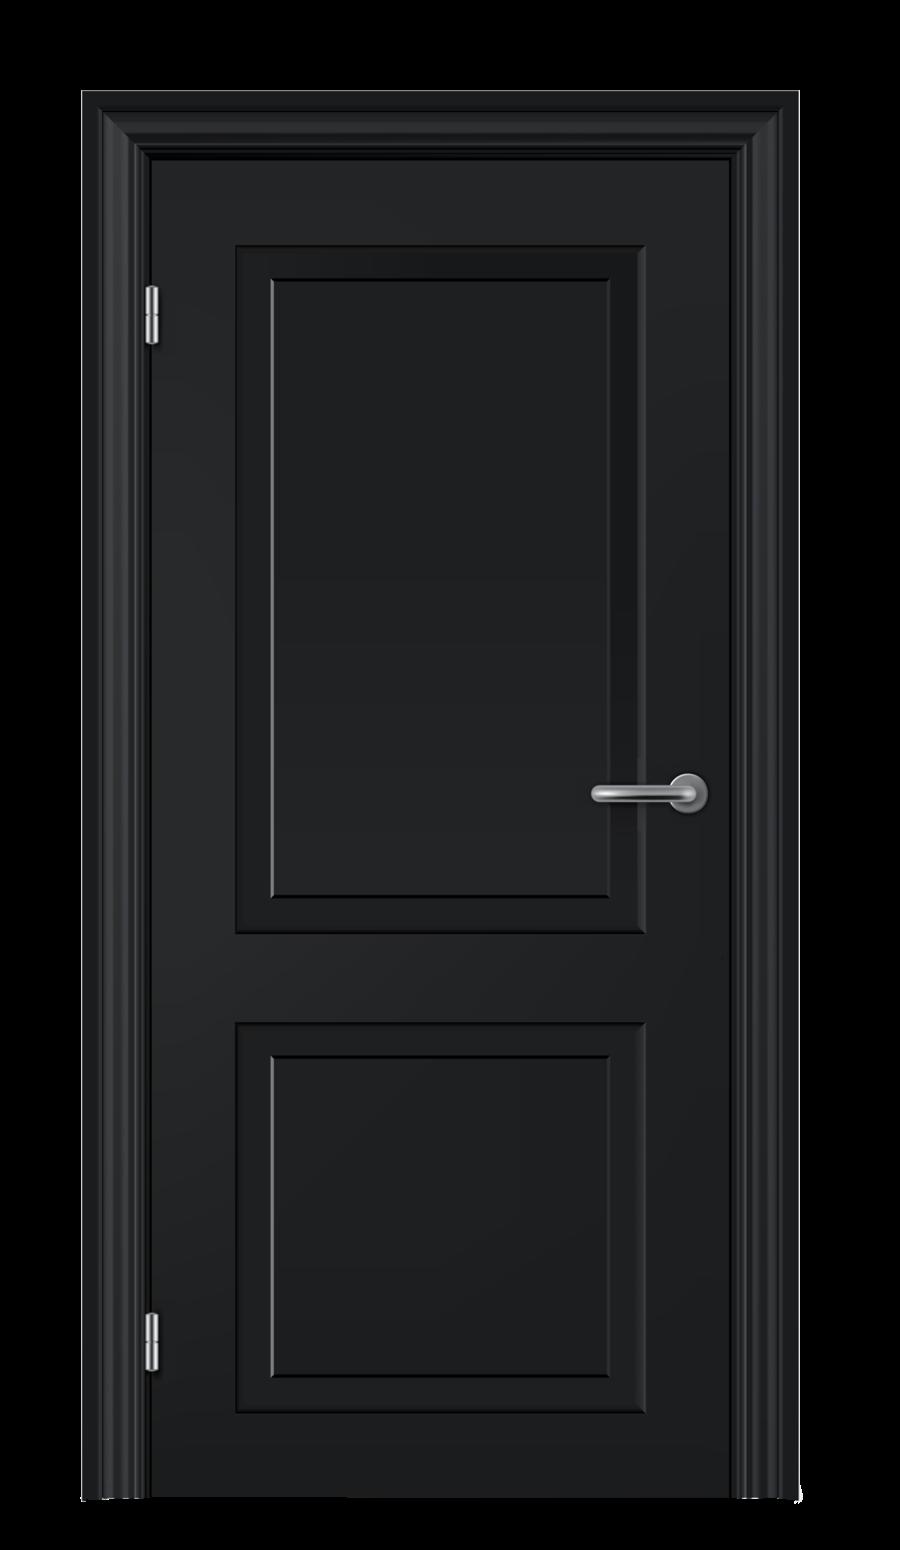 Clipart door dooor. High quality png web